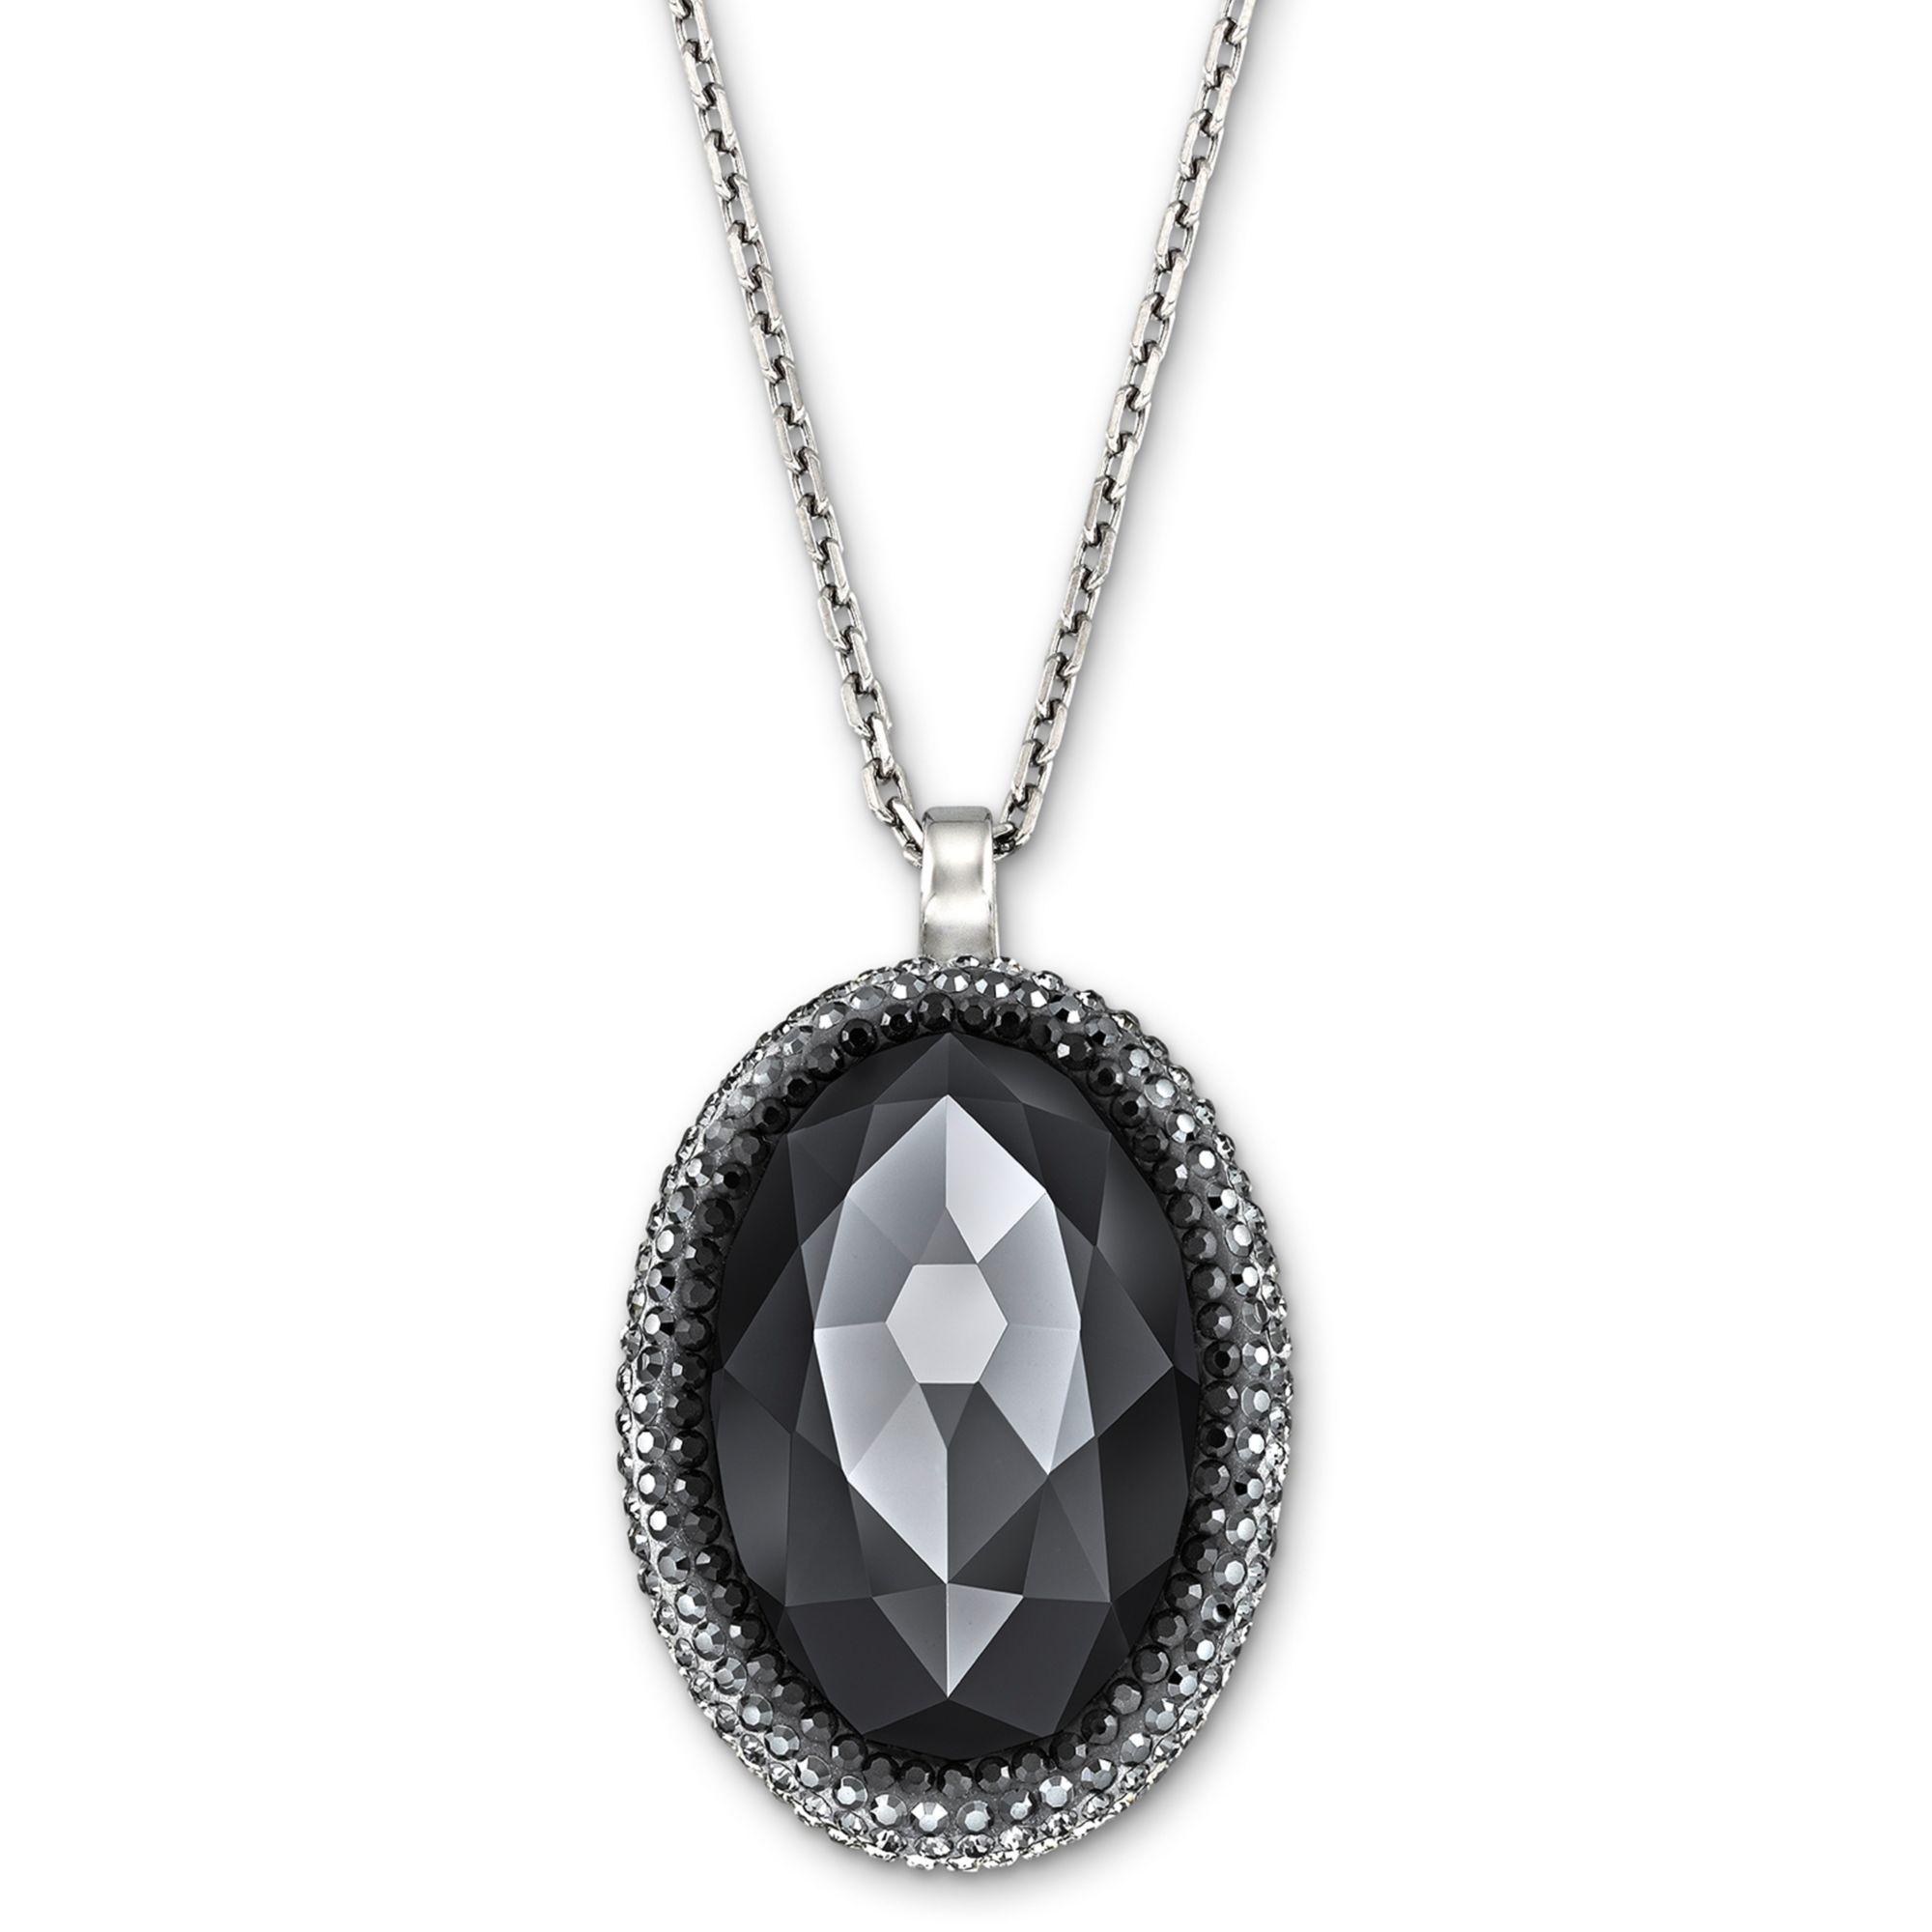 Swarovski Palladiumplated Black Crystal Oval Pendant